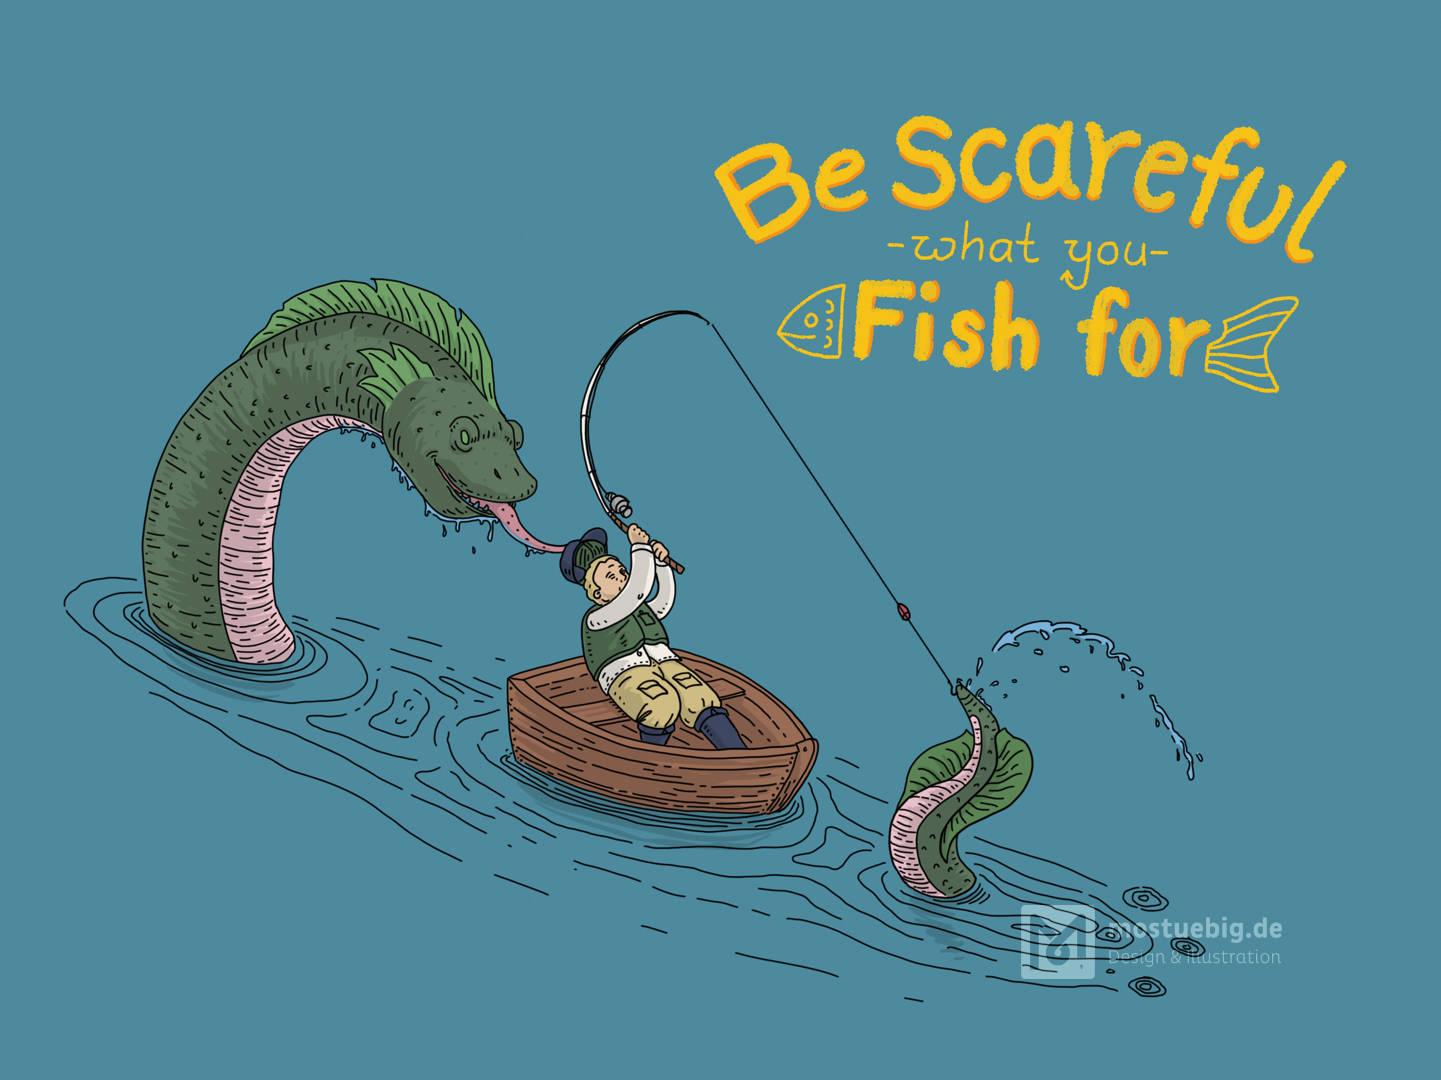 Illustration eines Fischers, der den Schwanz eines Seemonsters am Haken hat. Das Monster kommt hinter seinem Boot heraus. Darüber steht